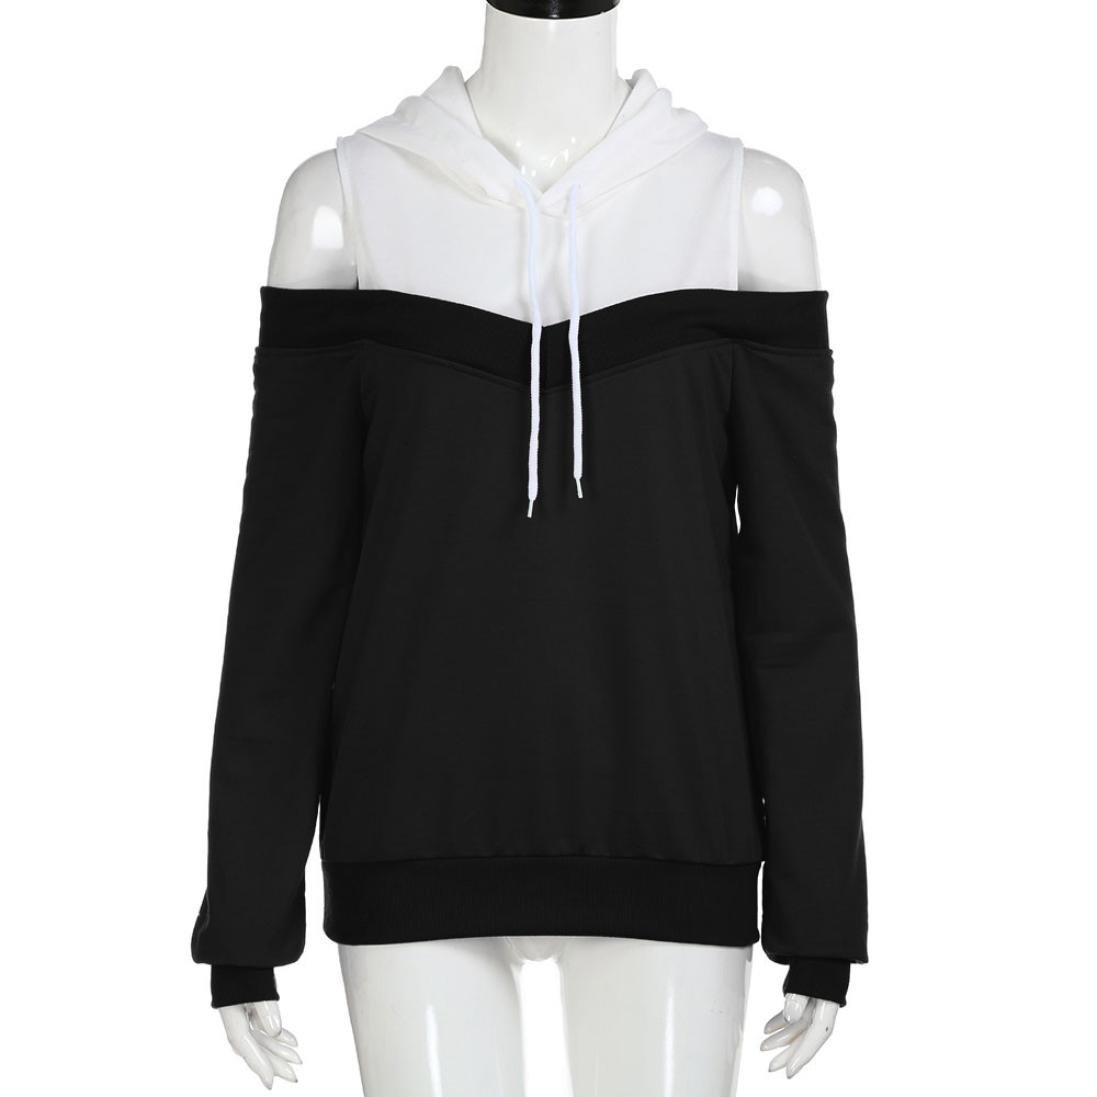 ESAILQ Damen Schulterfrei Langarm Hoodie Sweatshirt mit Kapuze Pullover Tops Bluse